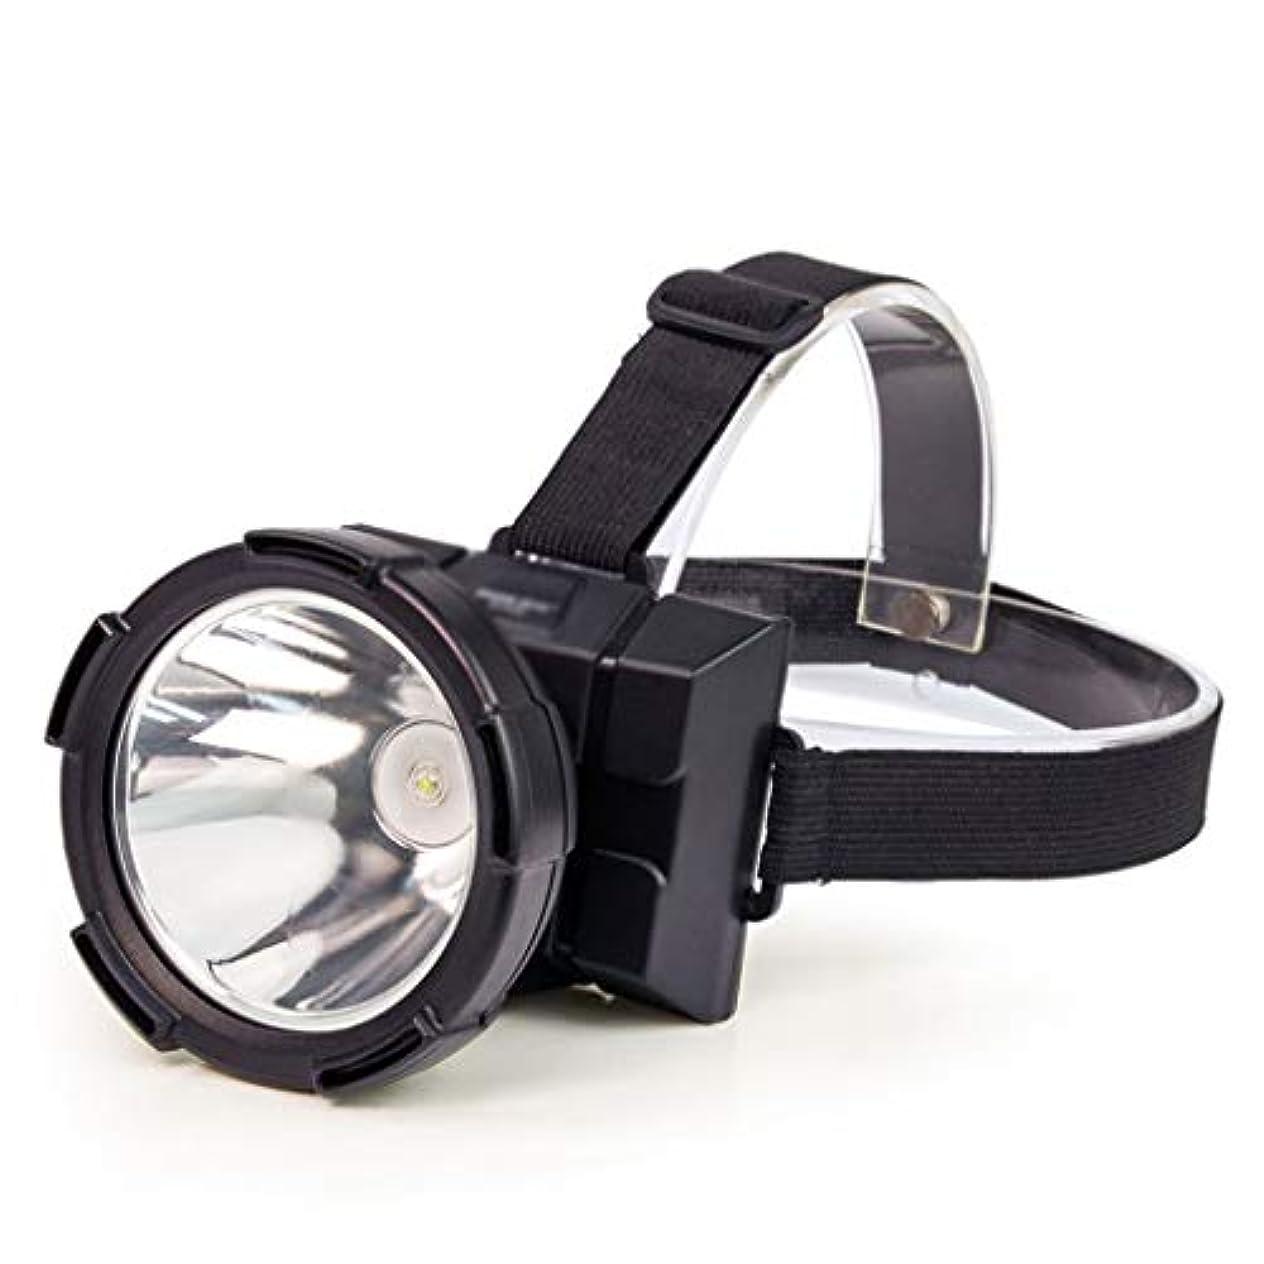 識別する不透明な多年生屋外の超明るいLEDグレア釣りキャンプ緊急照明乗馬懐中電灯多機能経済的で実用的なヘッドライト